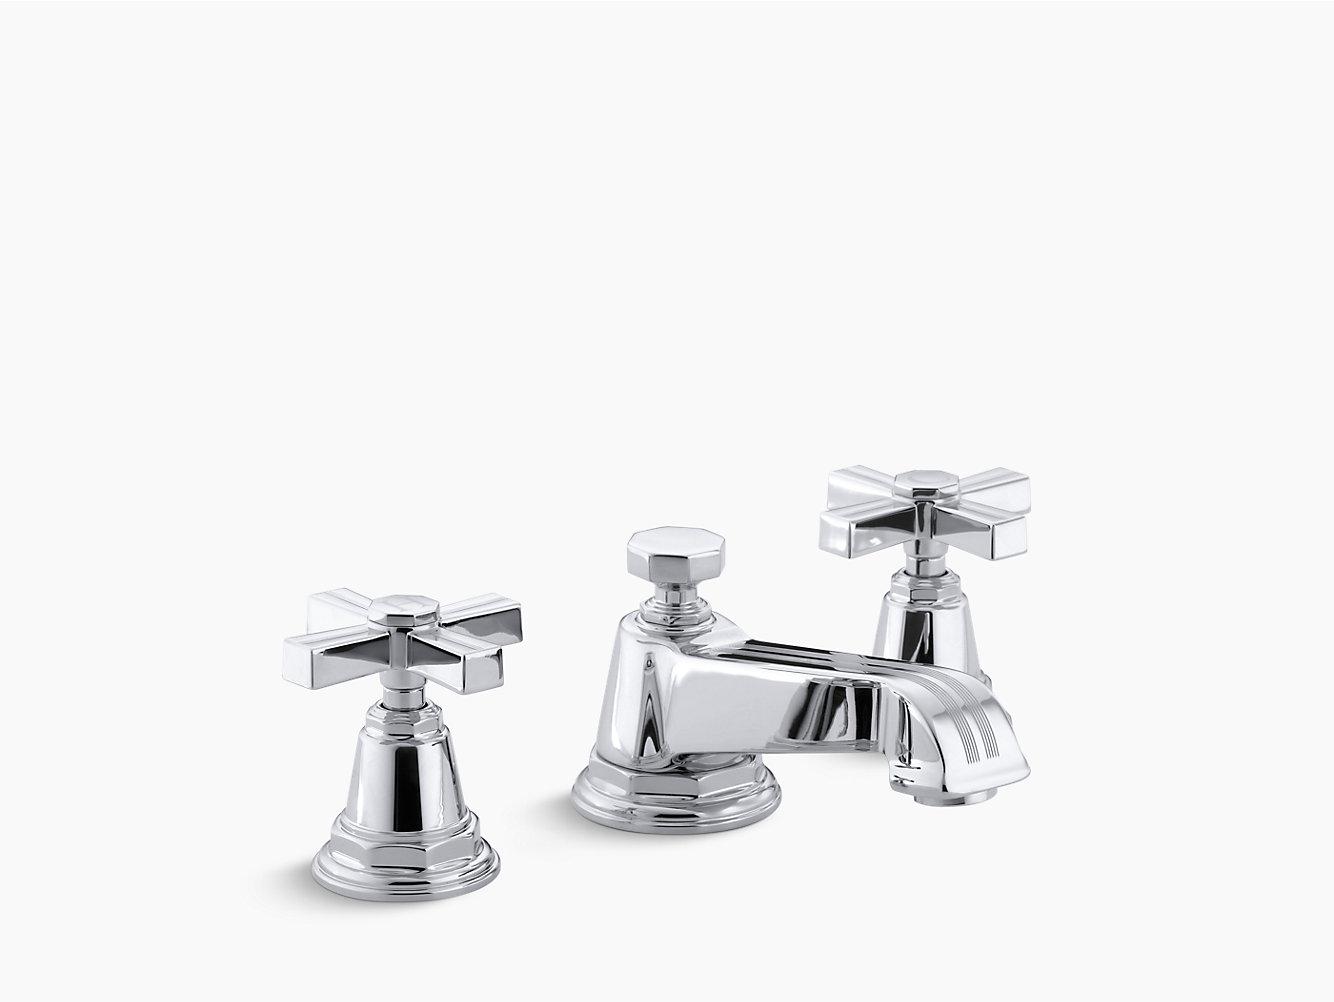 ADA Compliant Bathroom Sink Faucets | Bathroom Faucets | Bathroom ...